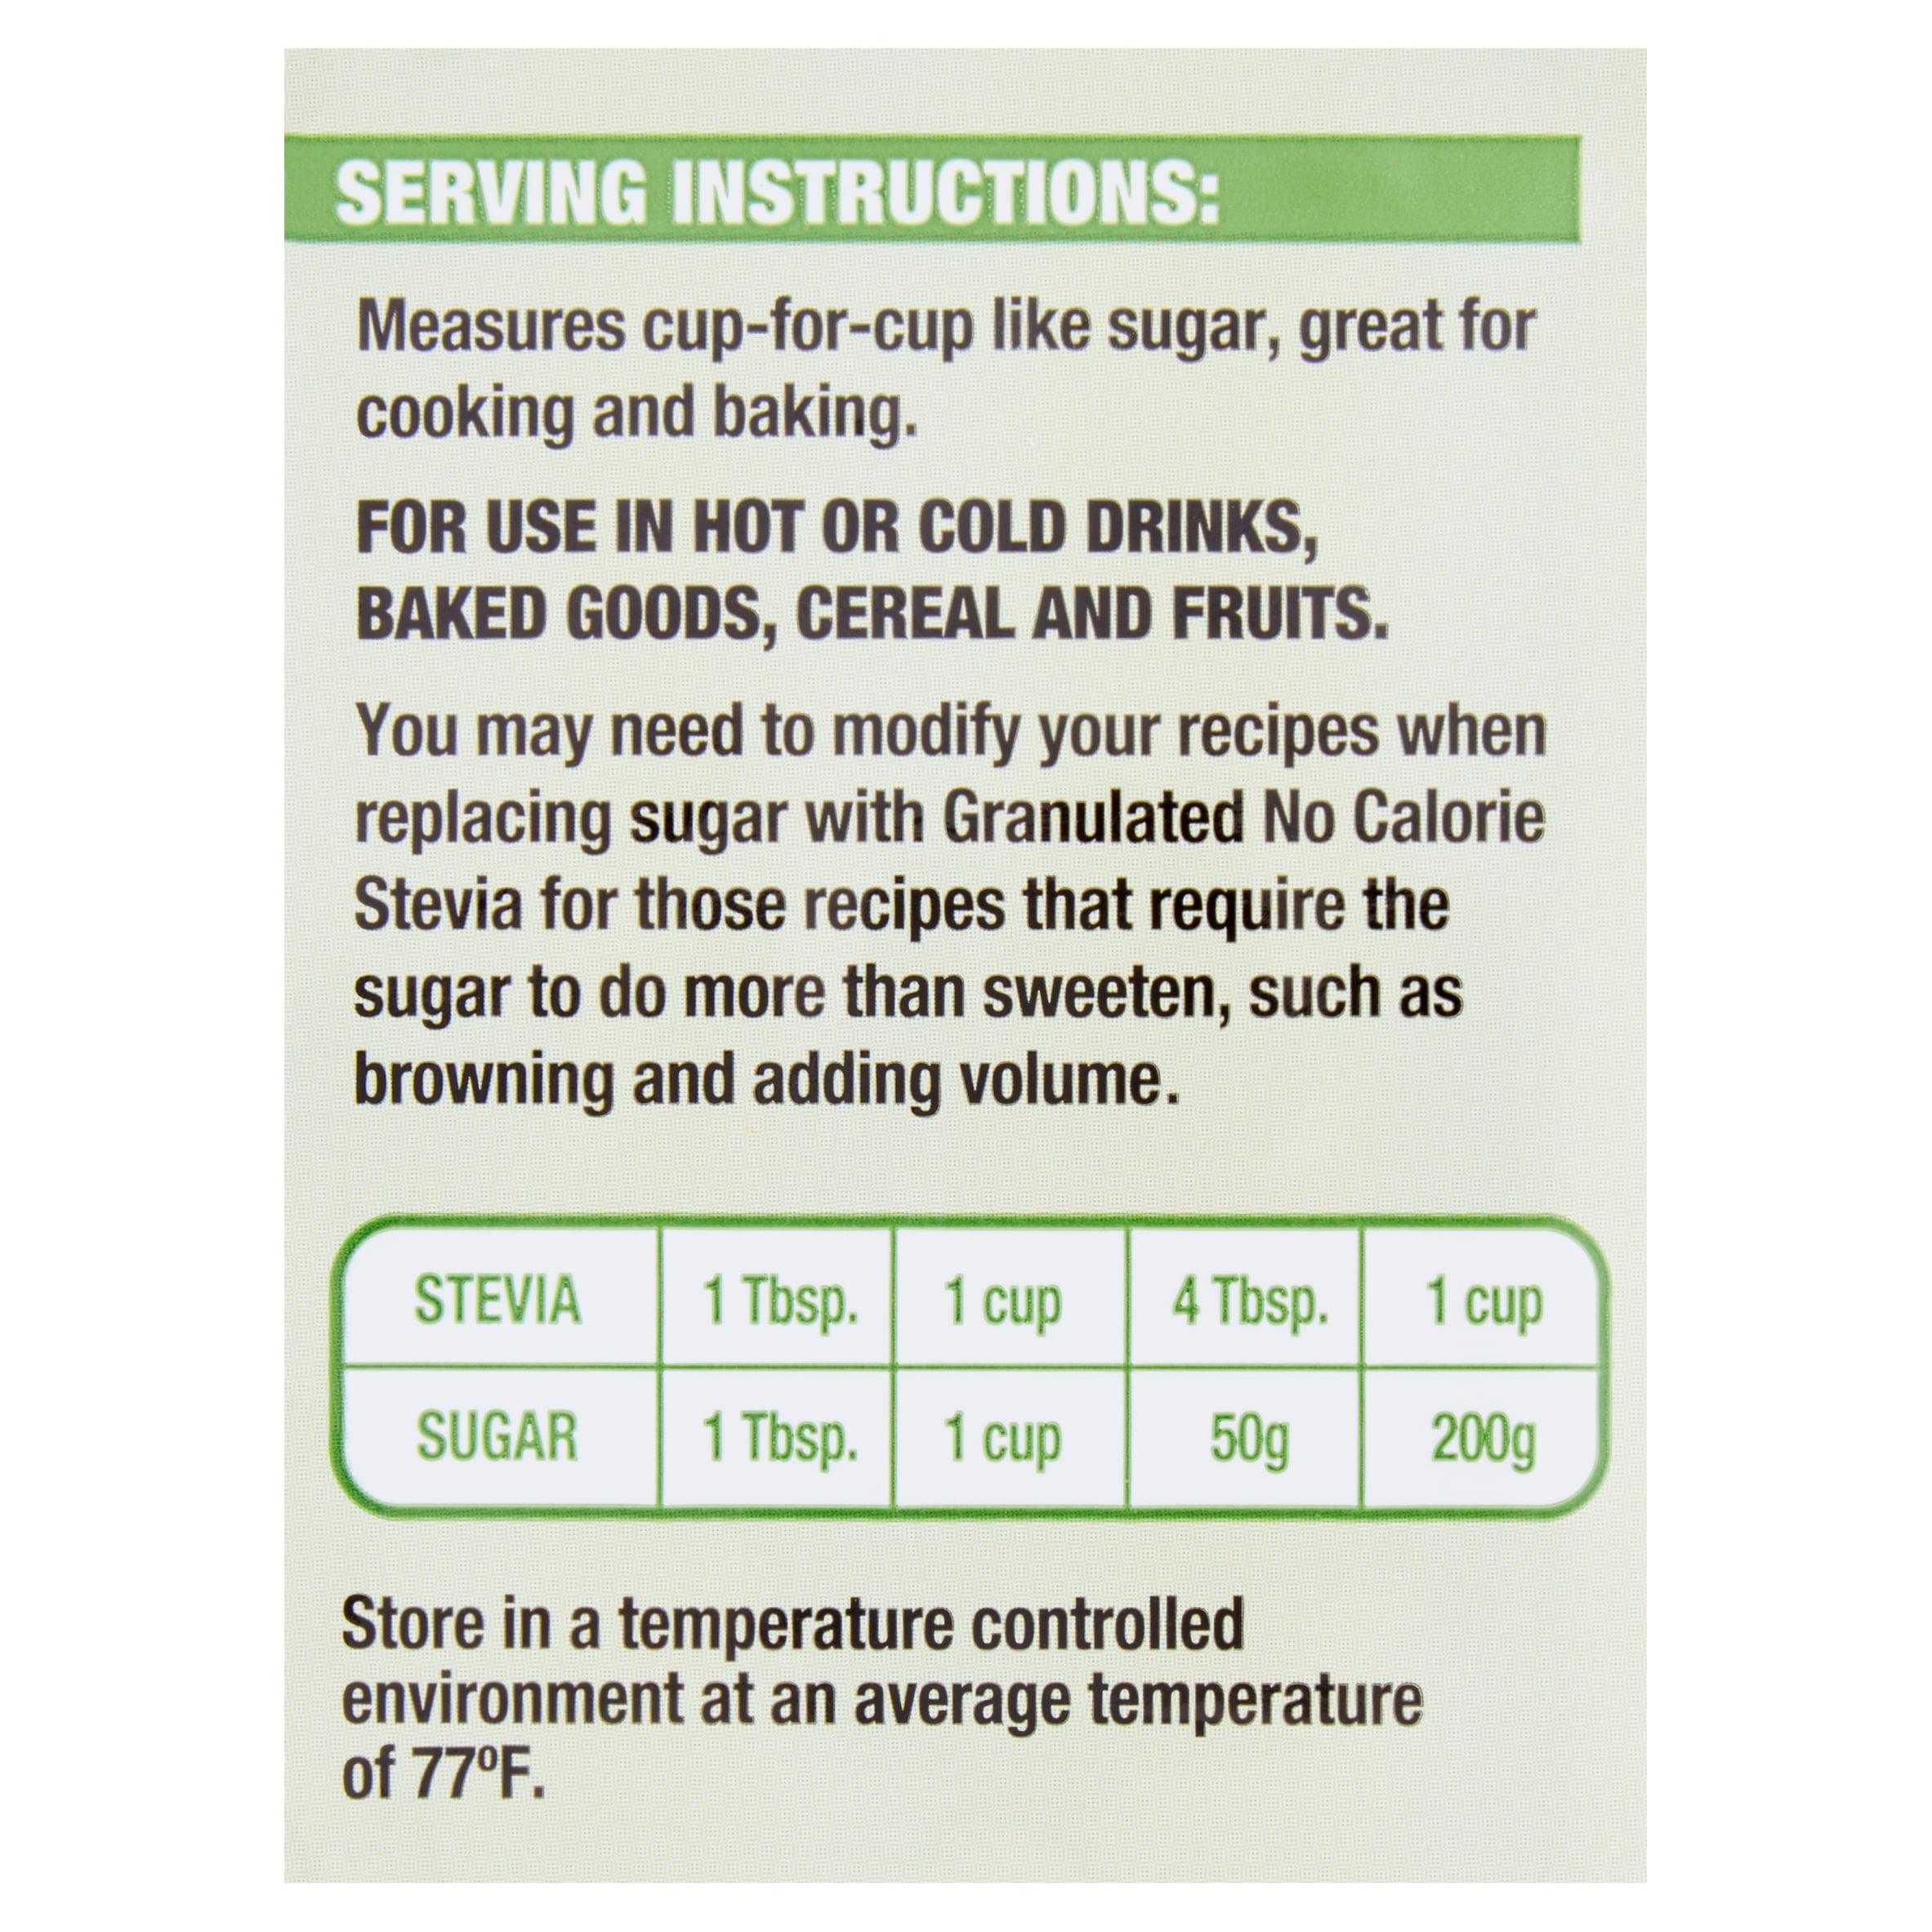 1e8e07362dc3d Great Value Granulated No Calorie Stevia